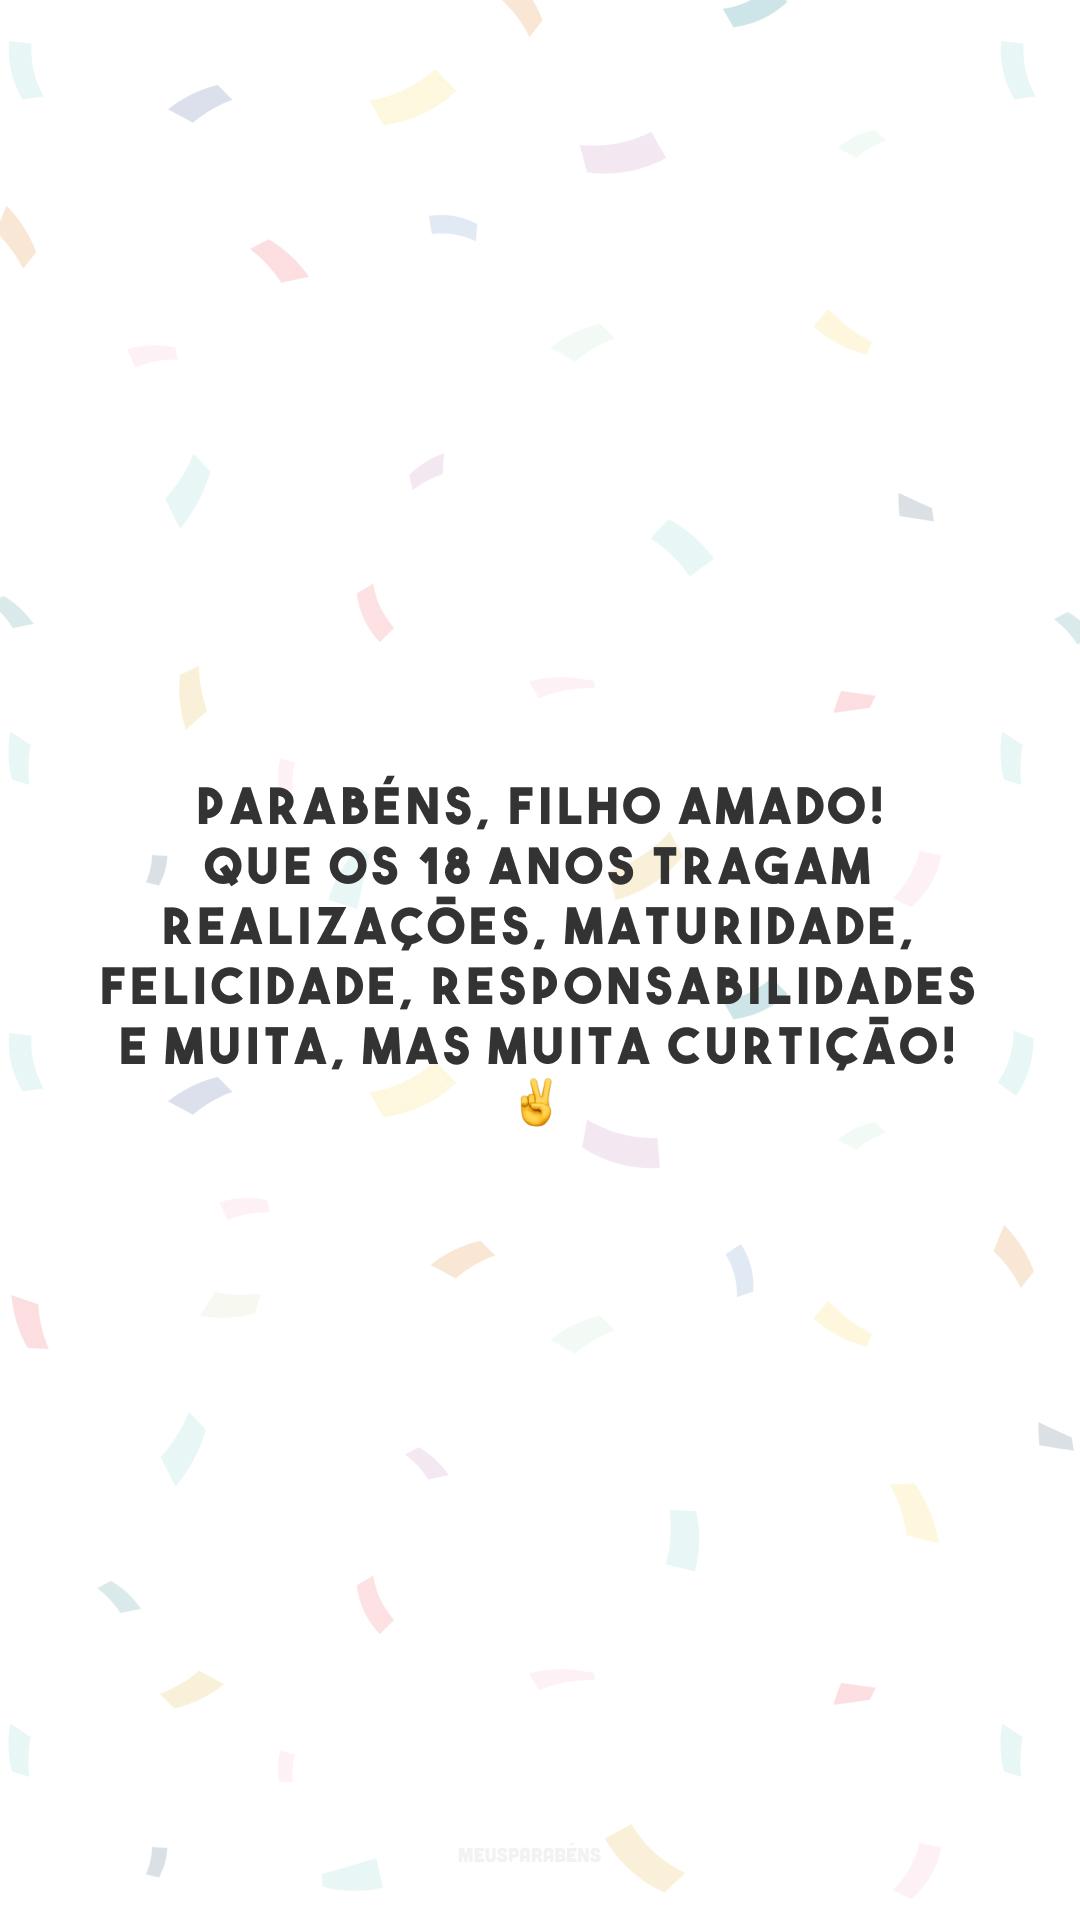 Parabéns, filho amado! Que os 18 anos tragam realizações, maturidade, felicidade, responsabilidades e muita, mas muita curtição! ✌️